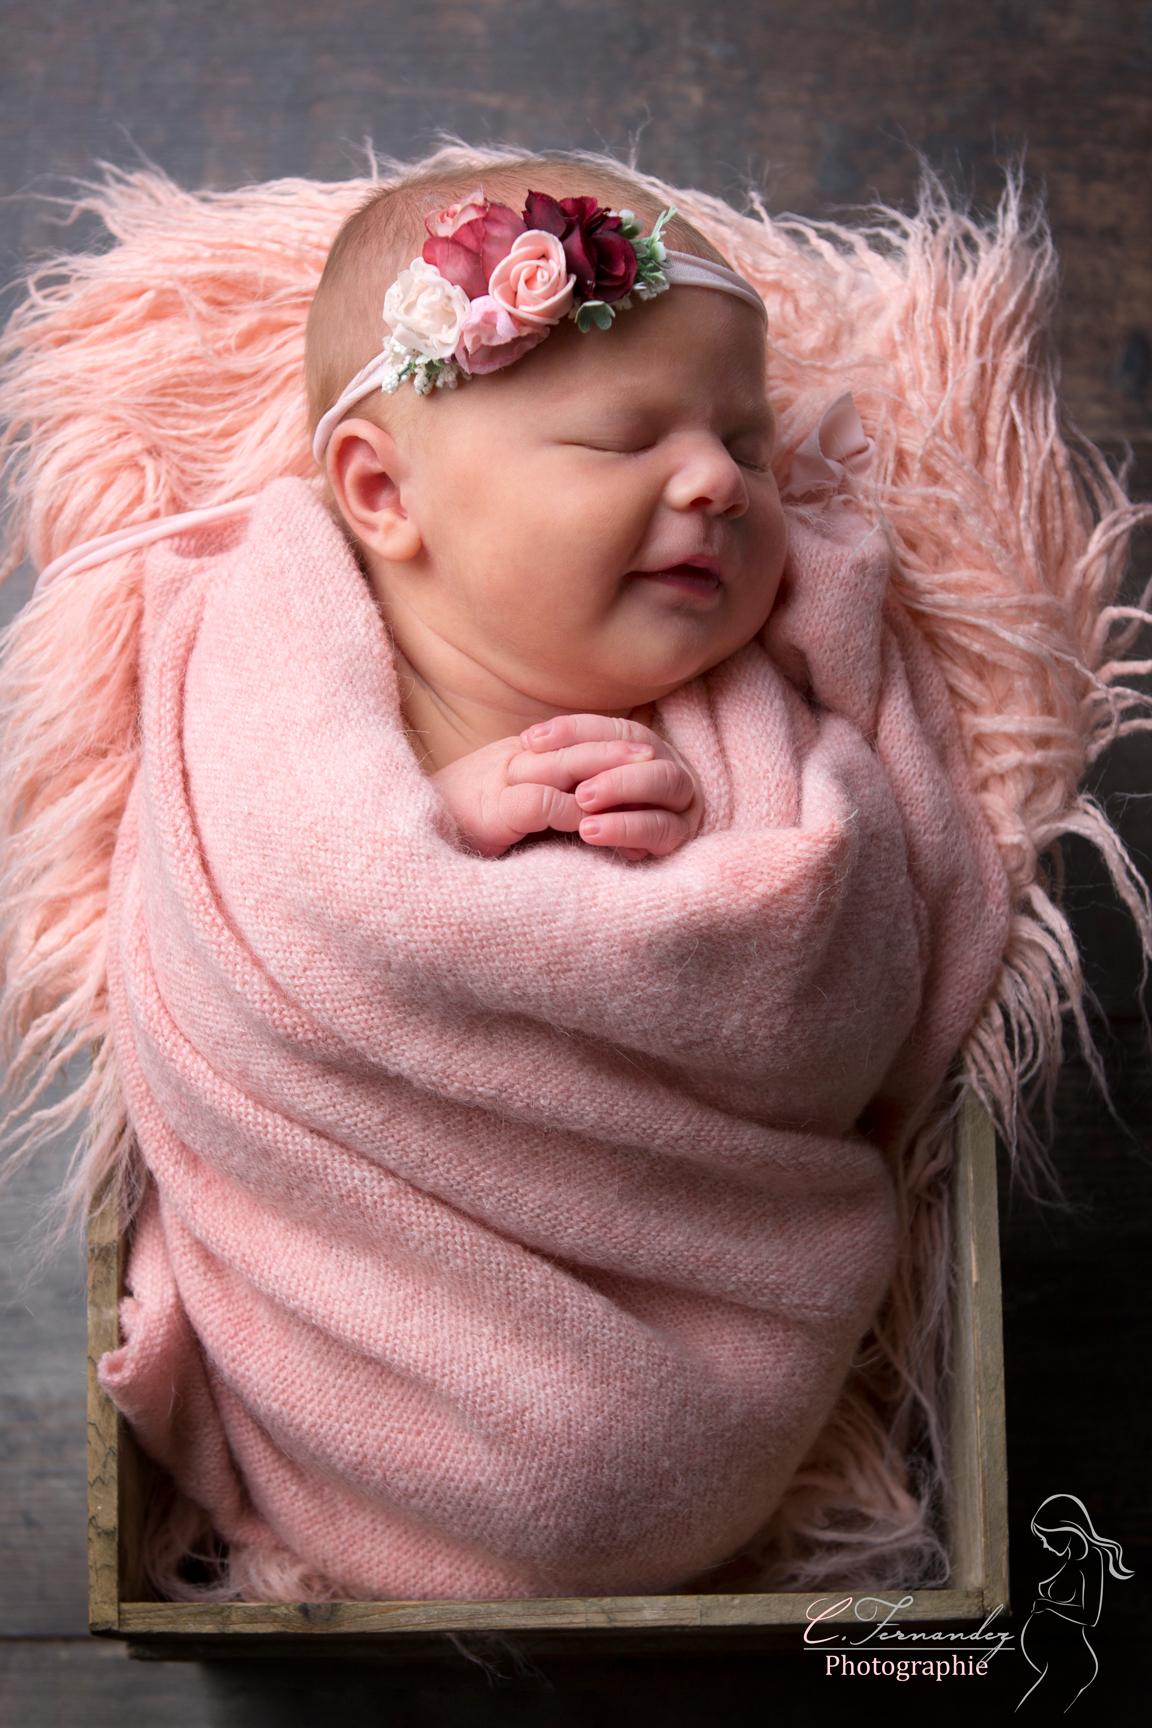 Photographe nouveau-né Aix-en-provence. Photographe bébé Aix-en-provence. Photographe newborn posing Aix-en-provence. Photographe studio Aix-en-provence. Valentina dans panie sourire